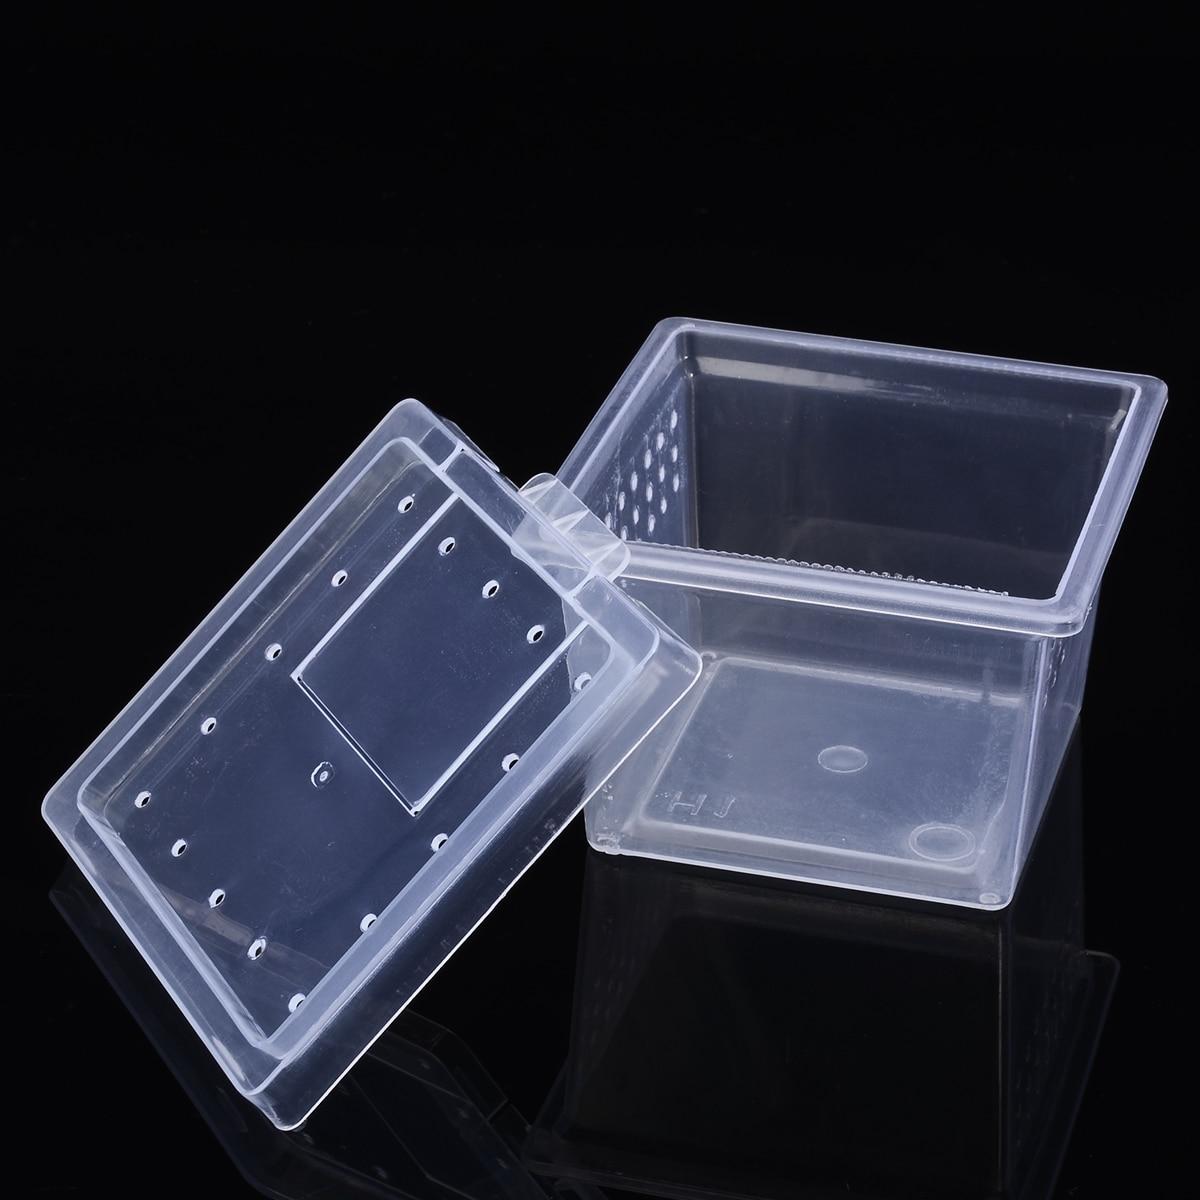 6,8*4,5*5,5 см прозрачный ящик для корма паука, пластиковый ящик для насекомых, рептилий, контейнер для выращивания скорпиона, террариума, среды обитания